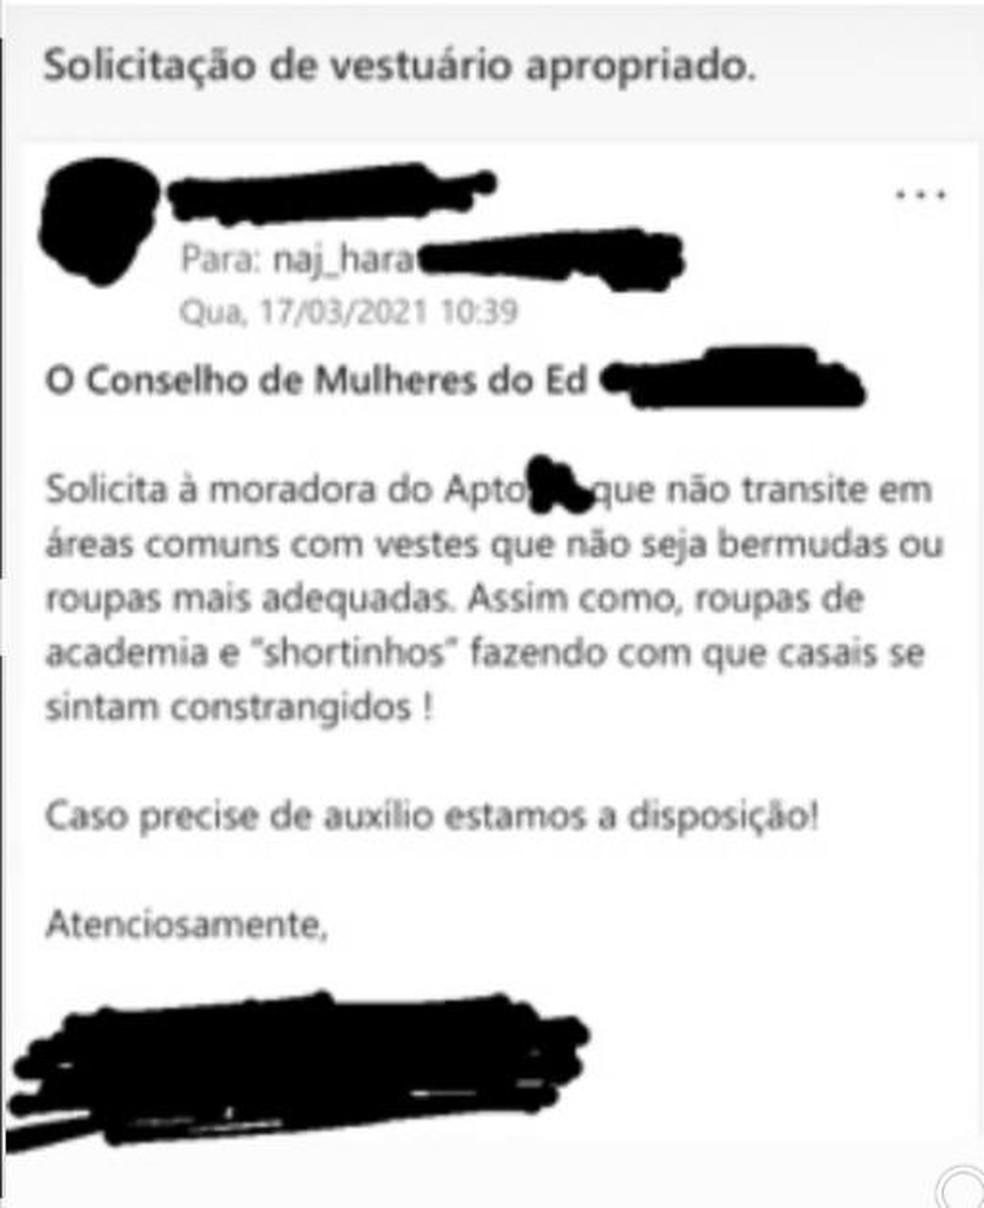 E-mail enviado para moradora do Sudoeste, em Brasília, pede que mulher não use 'shortinhos' em áreas comuns — Foto: Reprodução